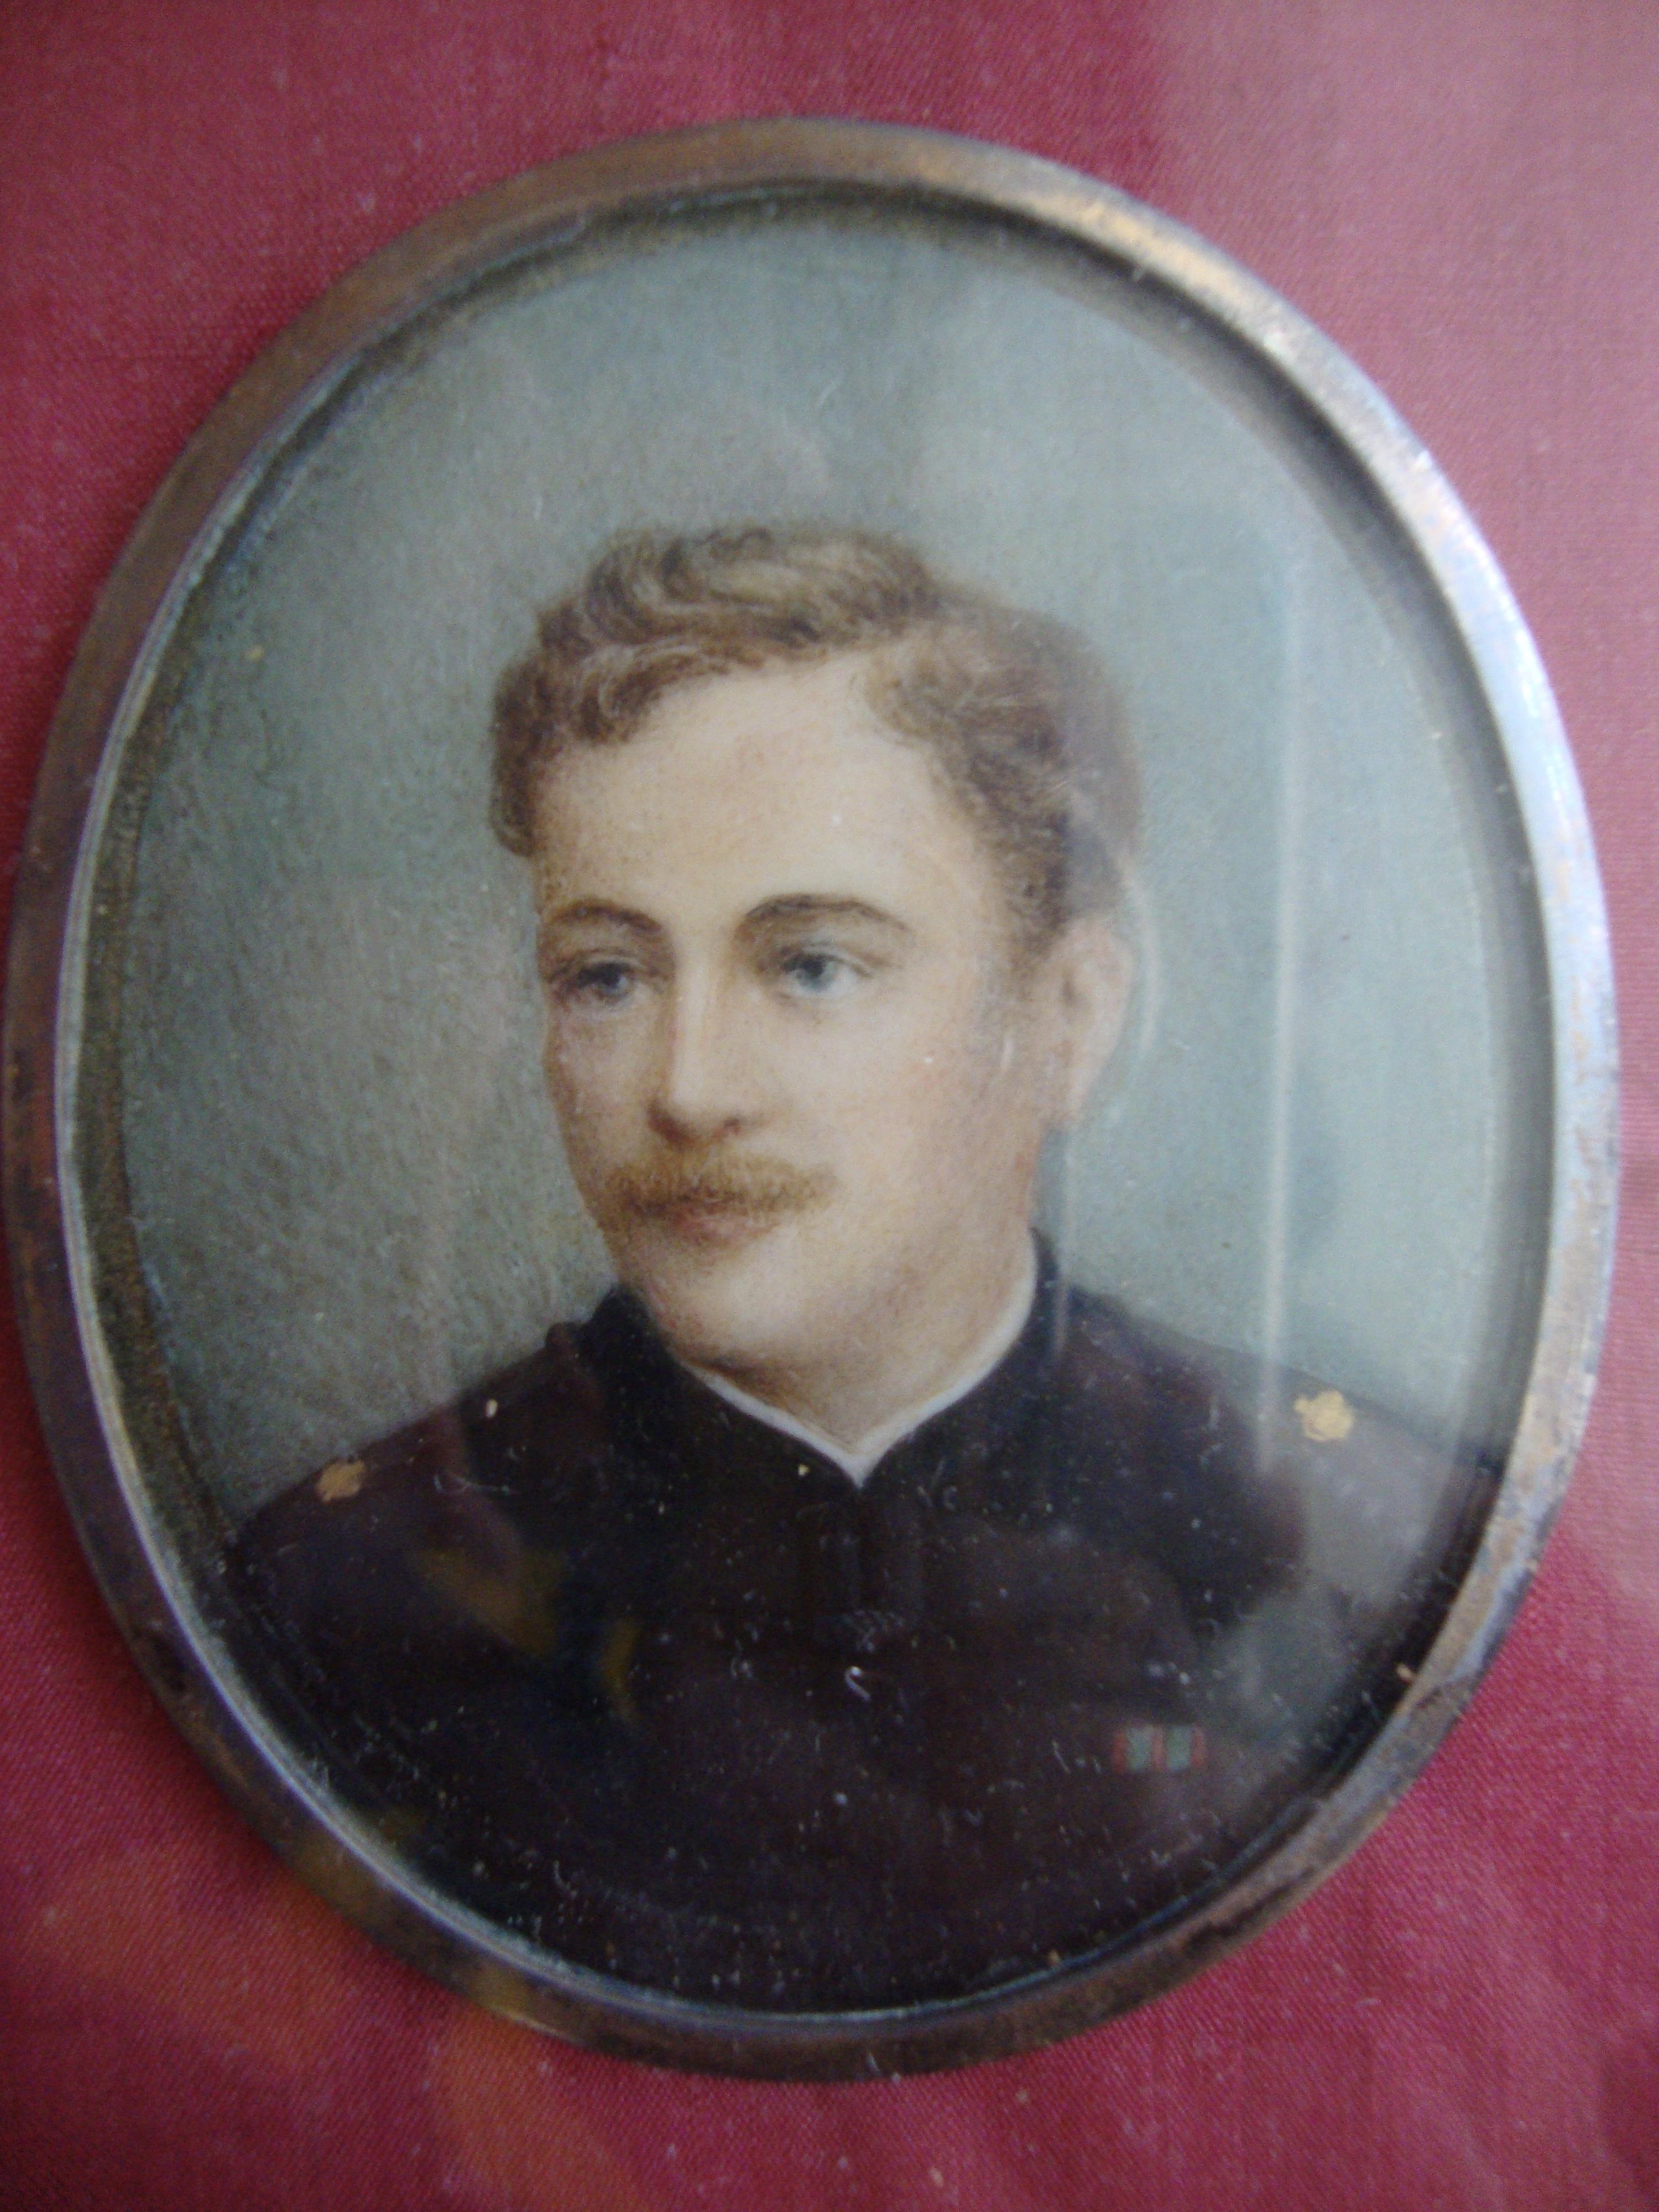 Colonel Arthur Coombe Gordon Lydiard